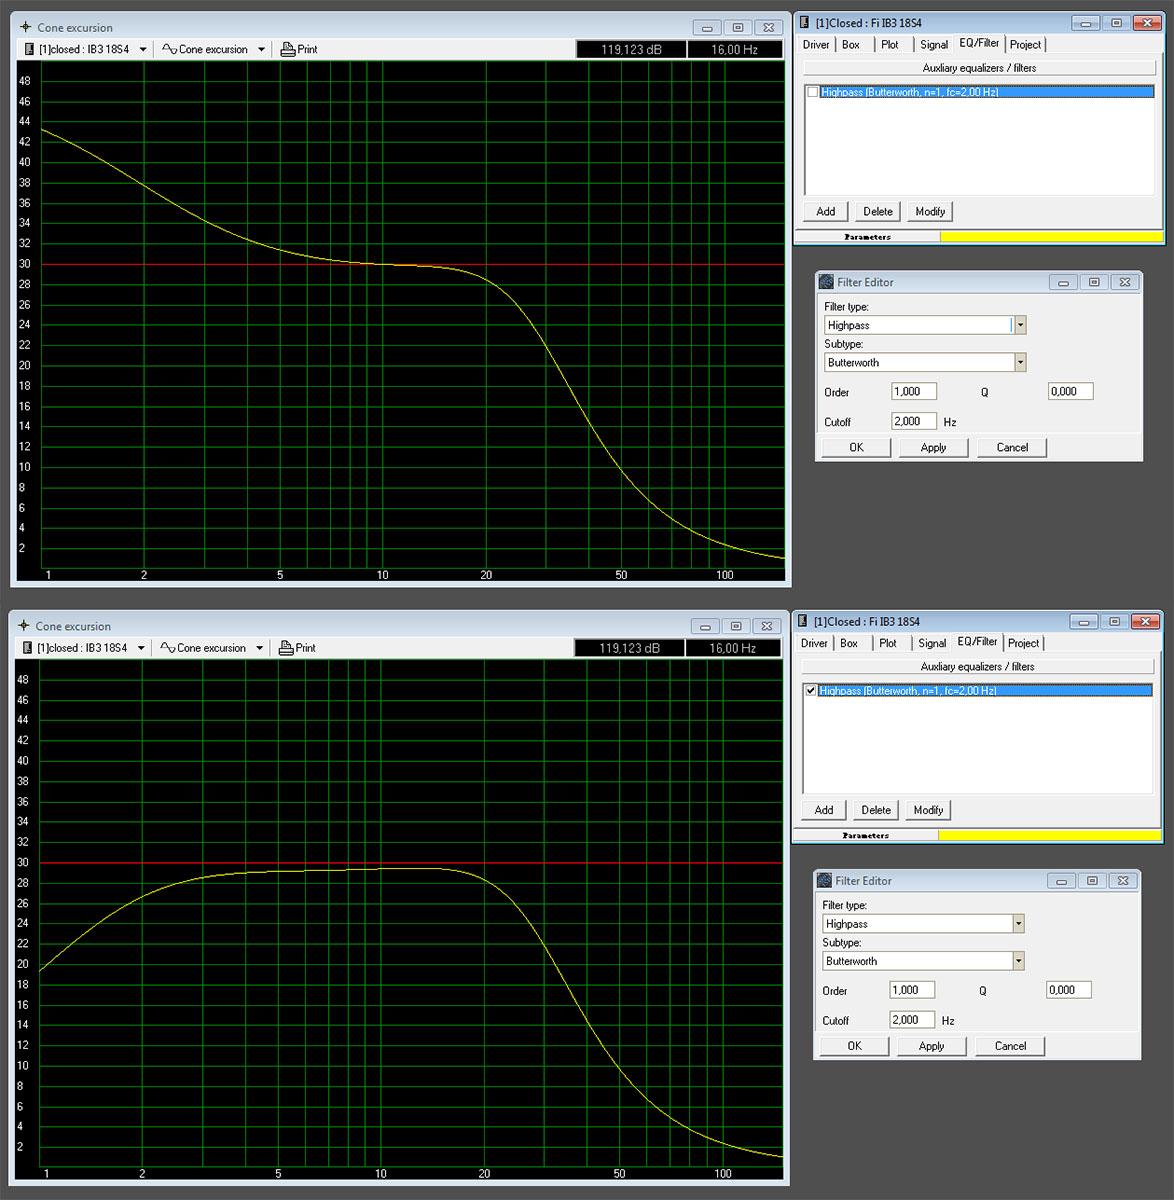 Help me calculate the size-screenshot-2014-04-27-19.48.52.jpg